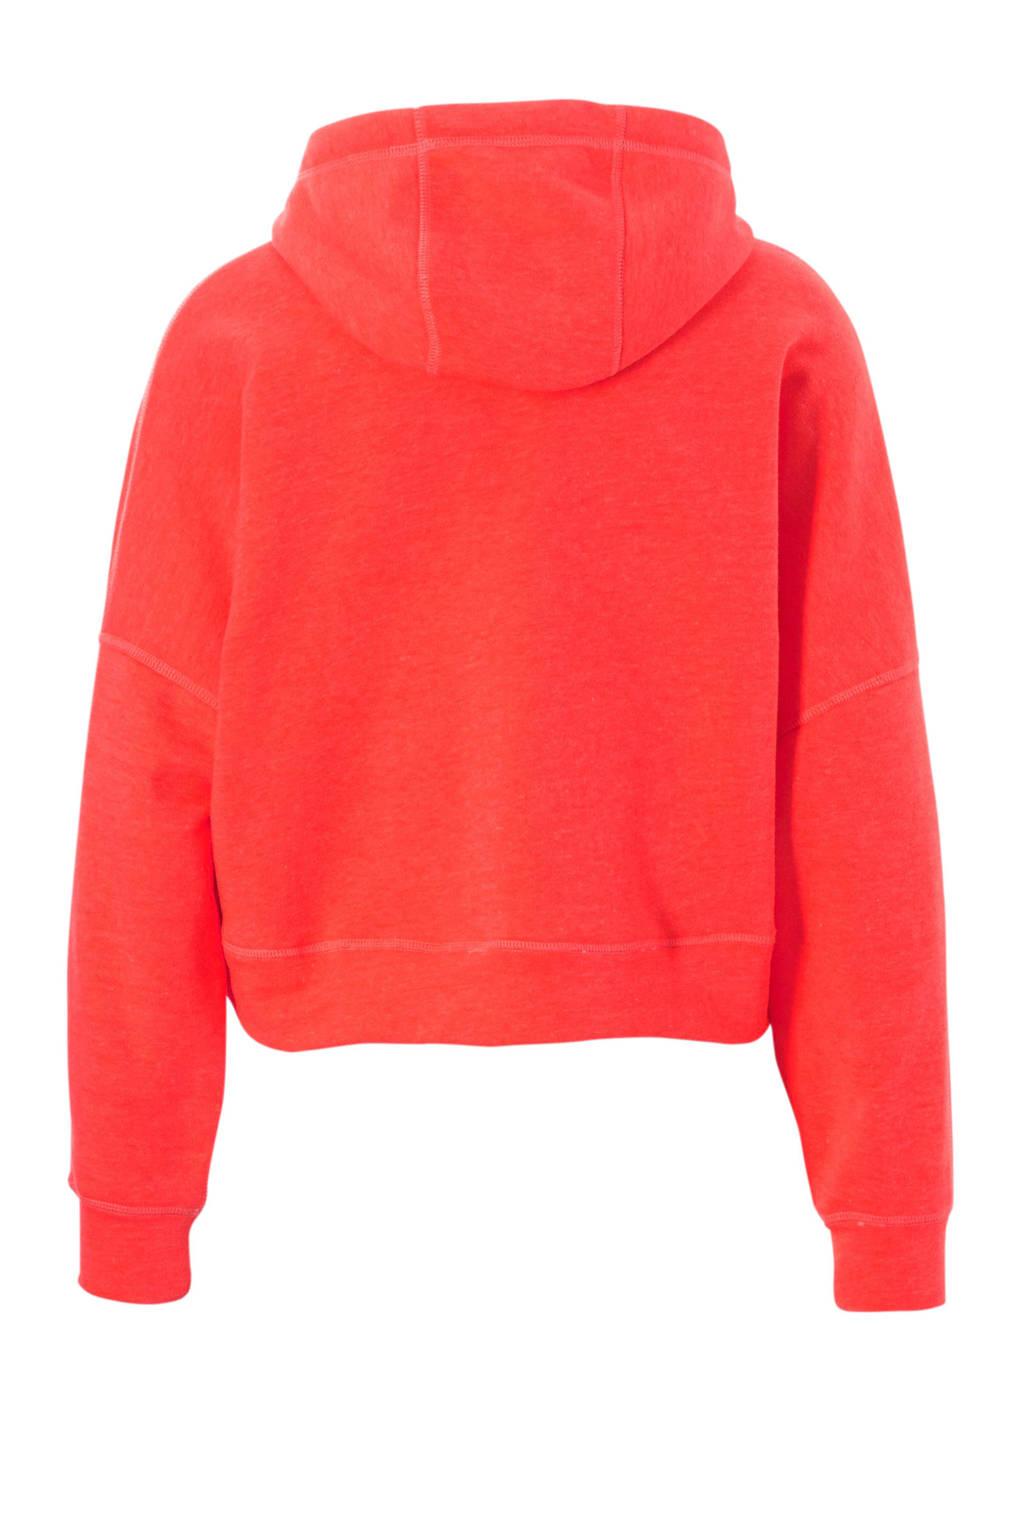 Superdry Sport sportsweater neonoranje, Neonoranje